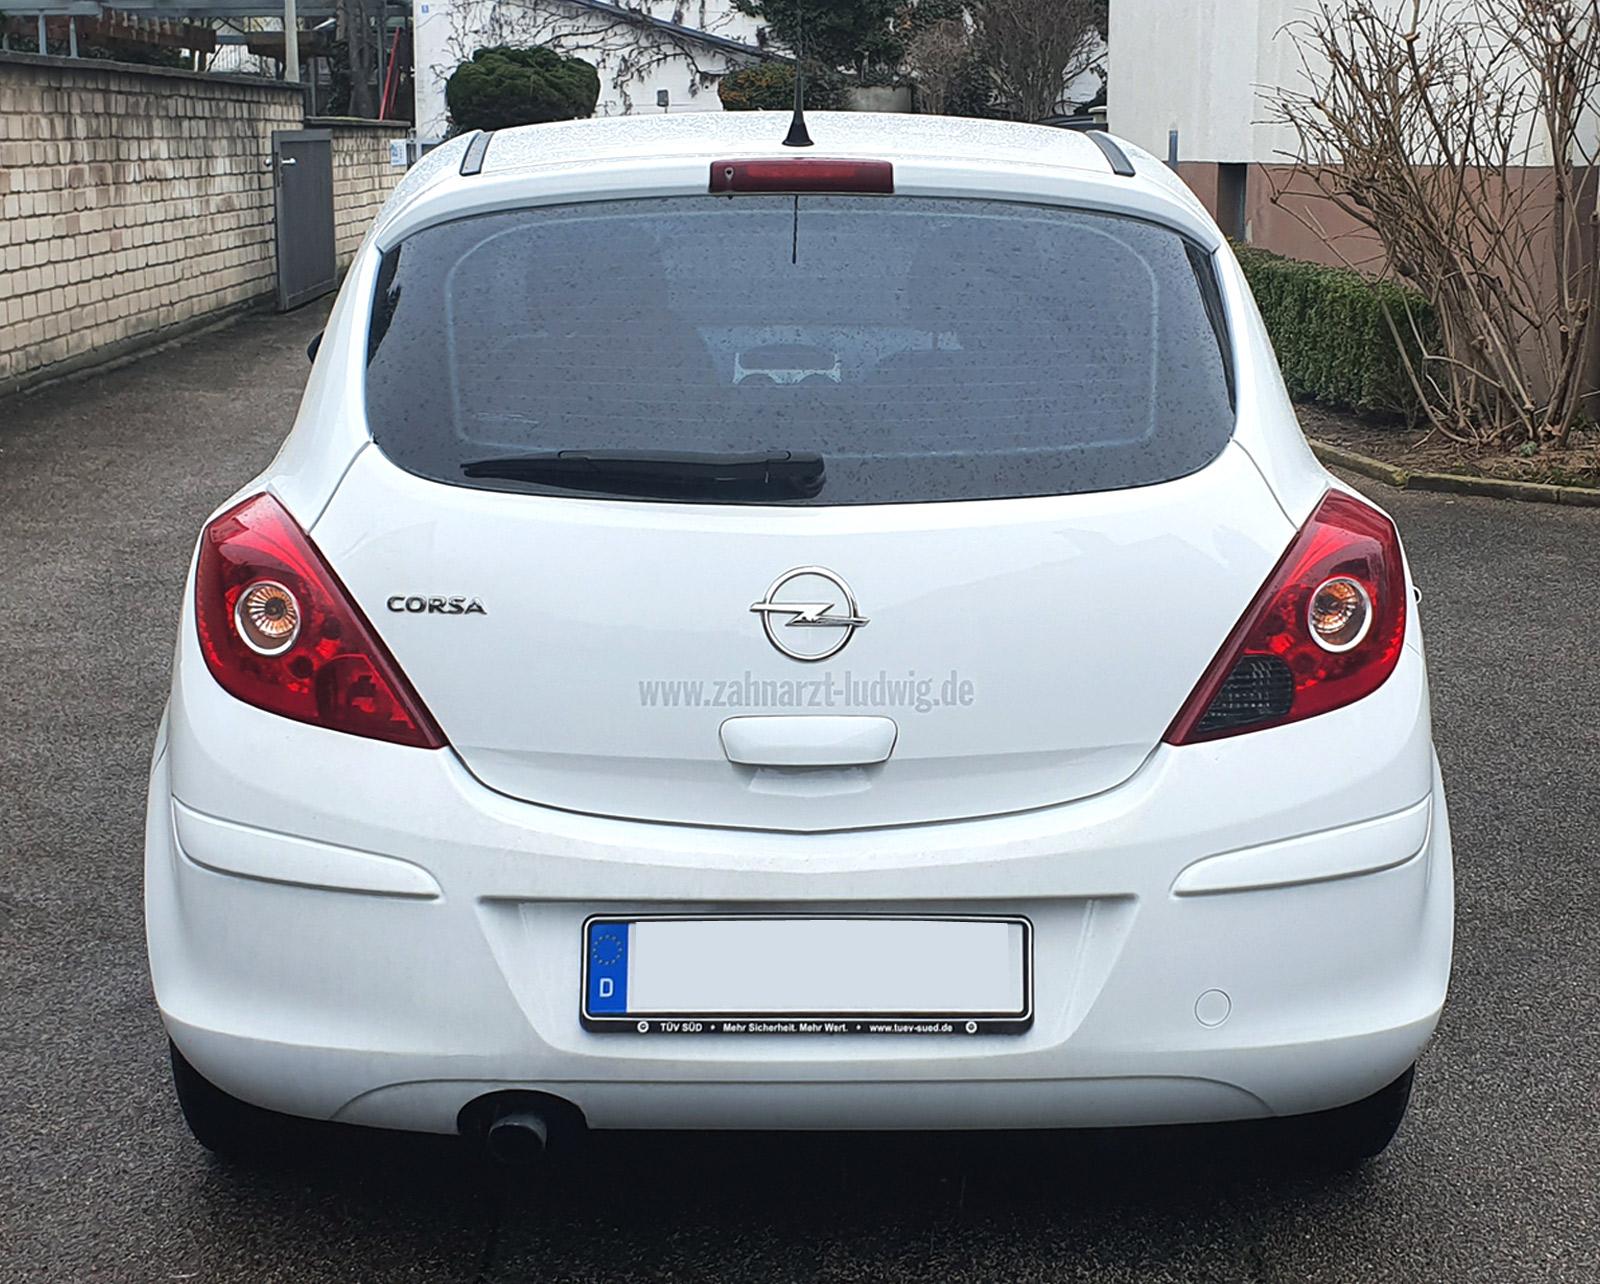 Weißer Opel Corsa mit dezenter Heckbeklebung von Zahnarzt Ludwig